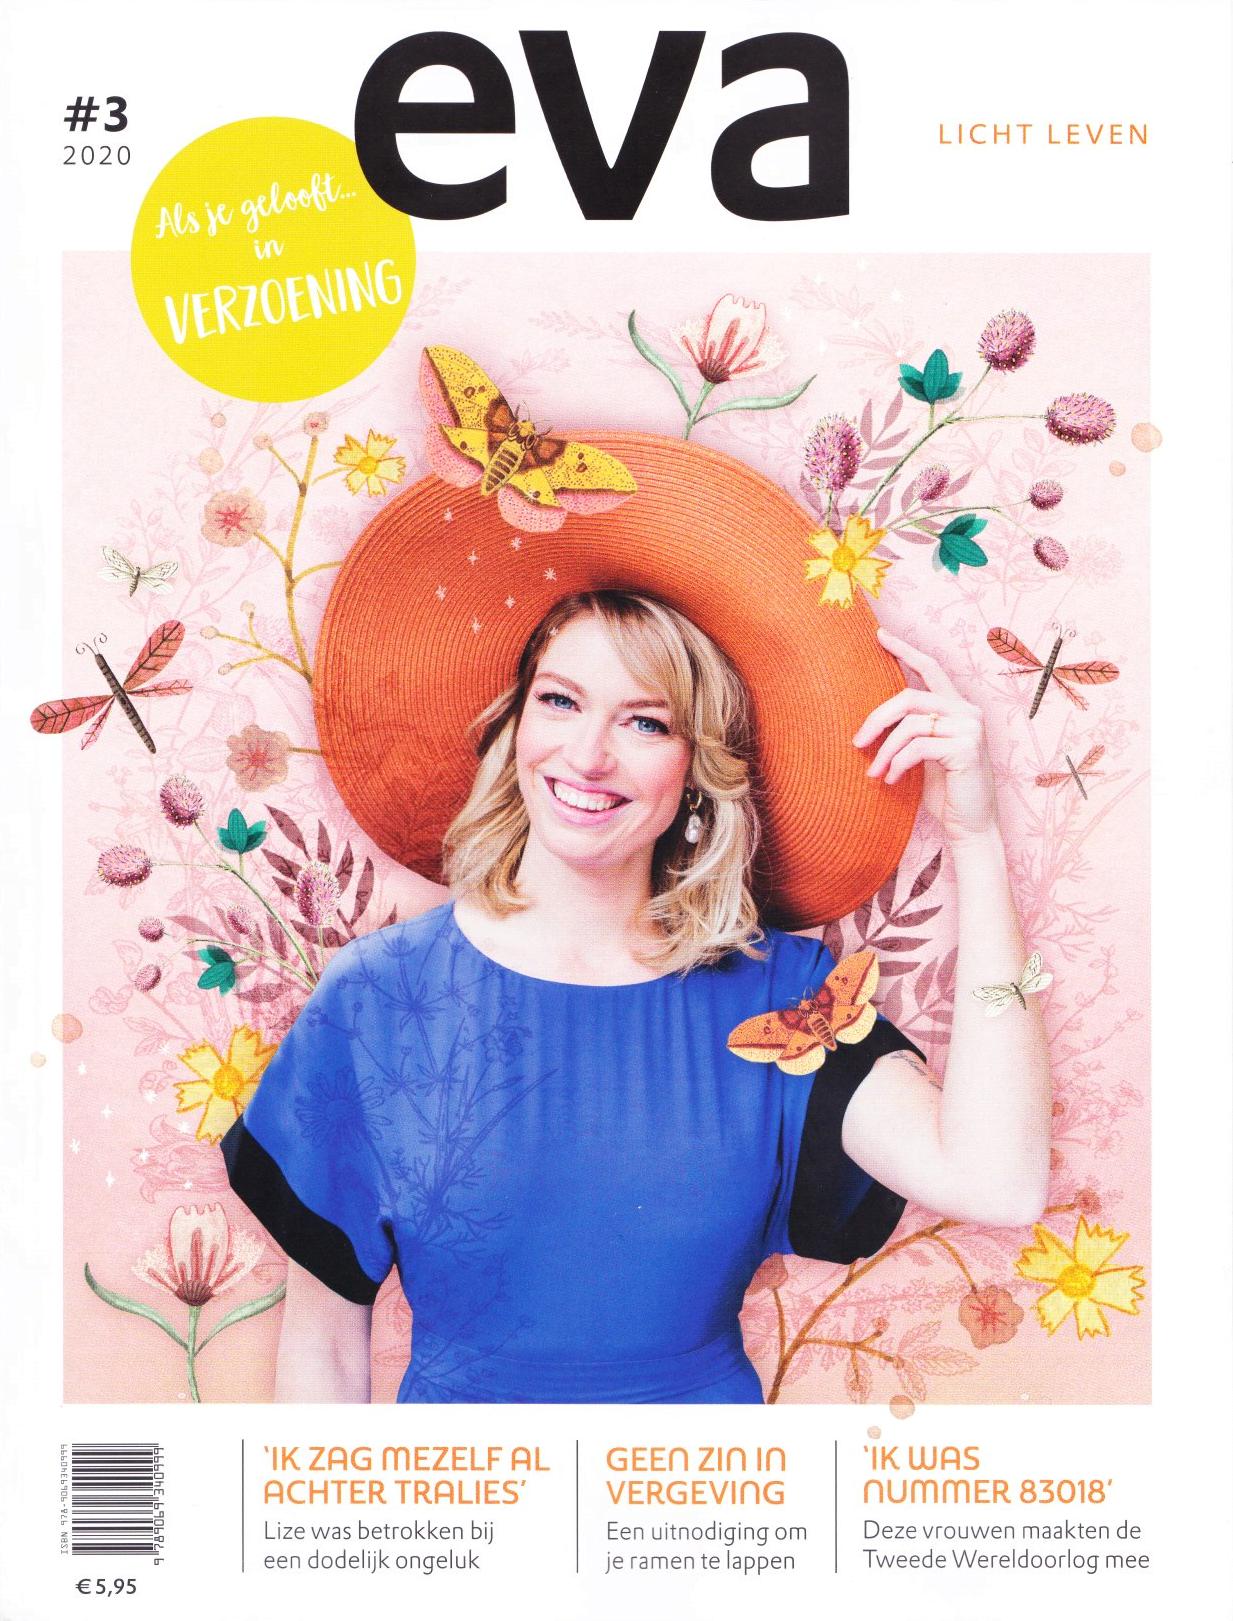 Tijdschrift EVA magazine 3 - april 2020 - Pers-wereld